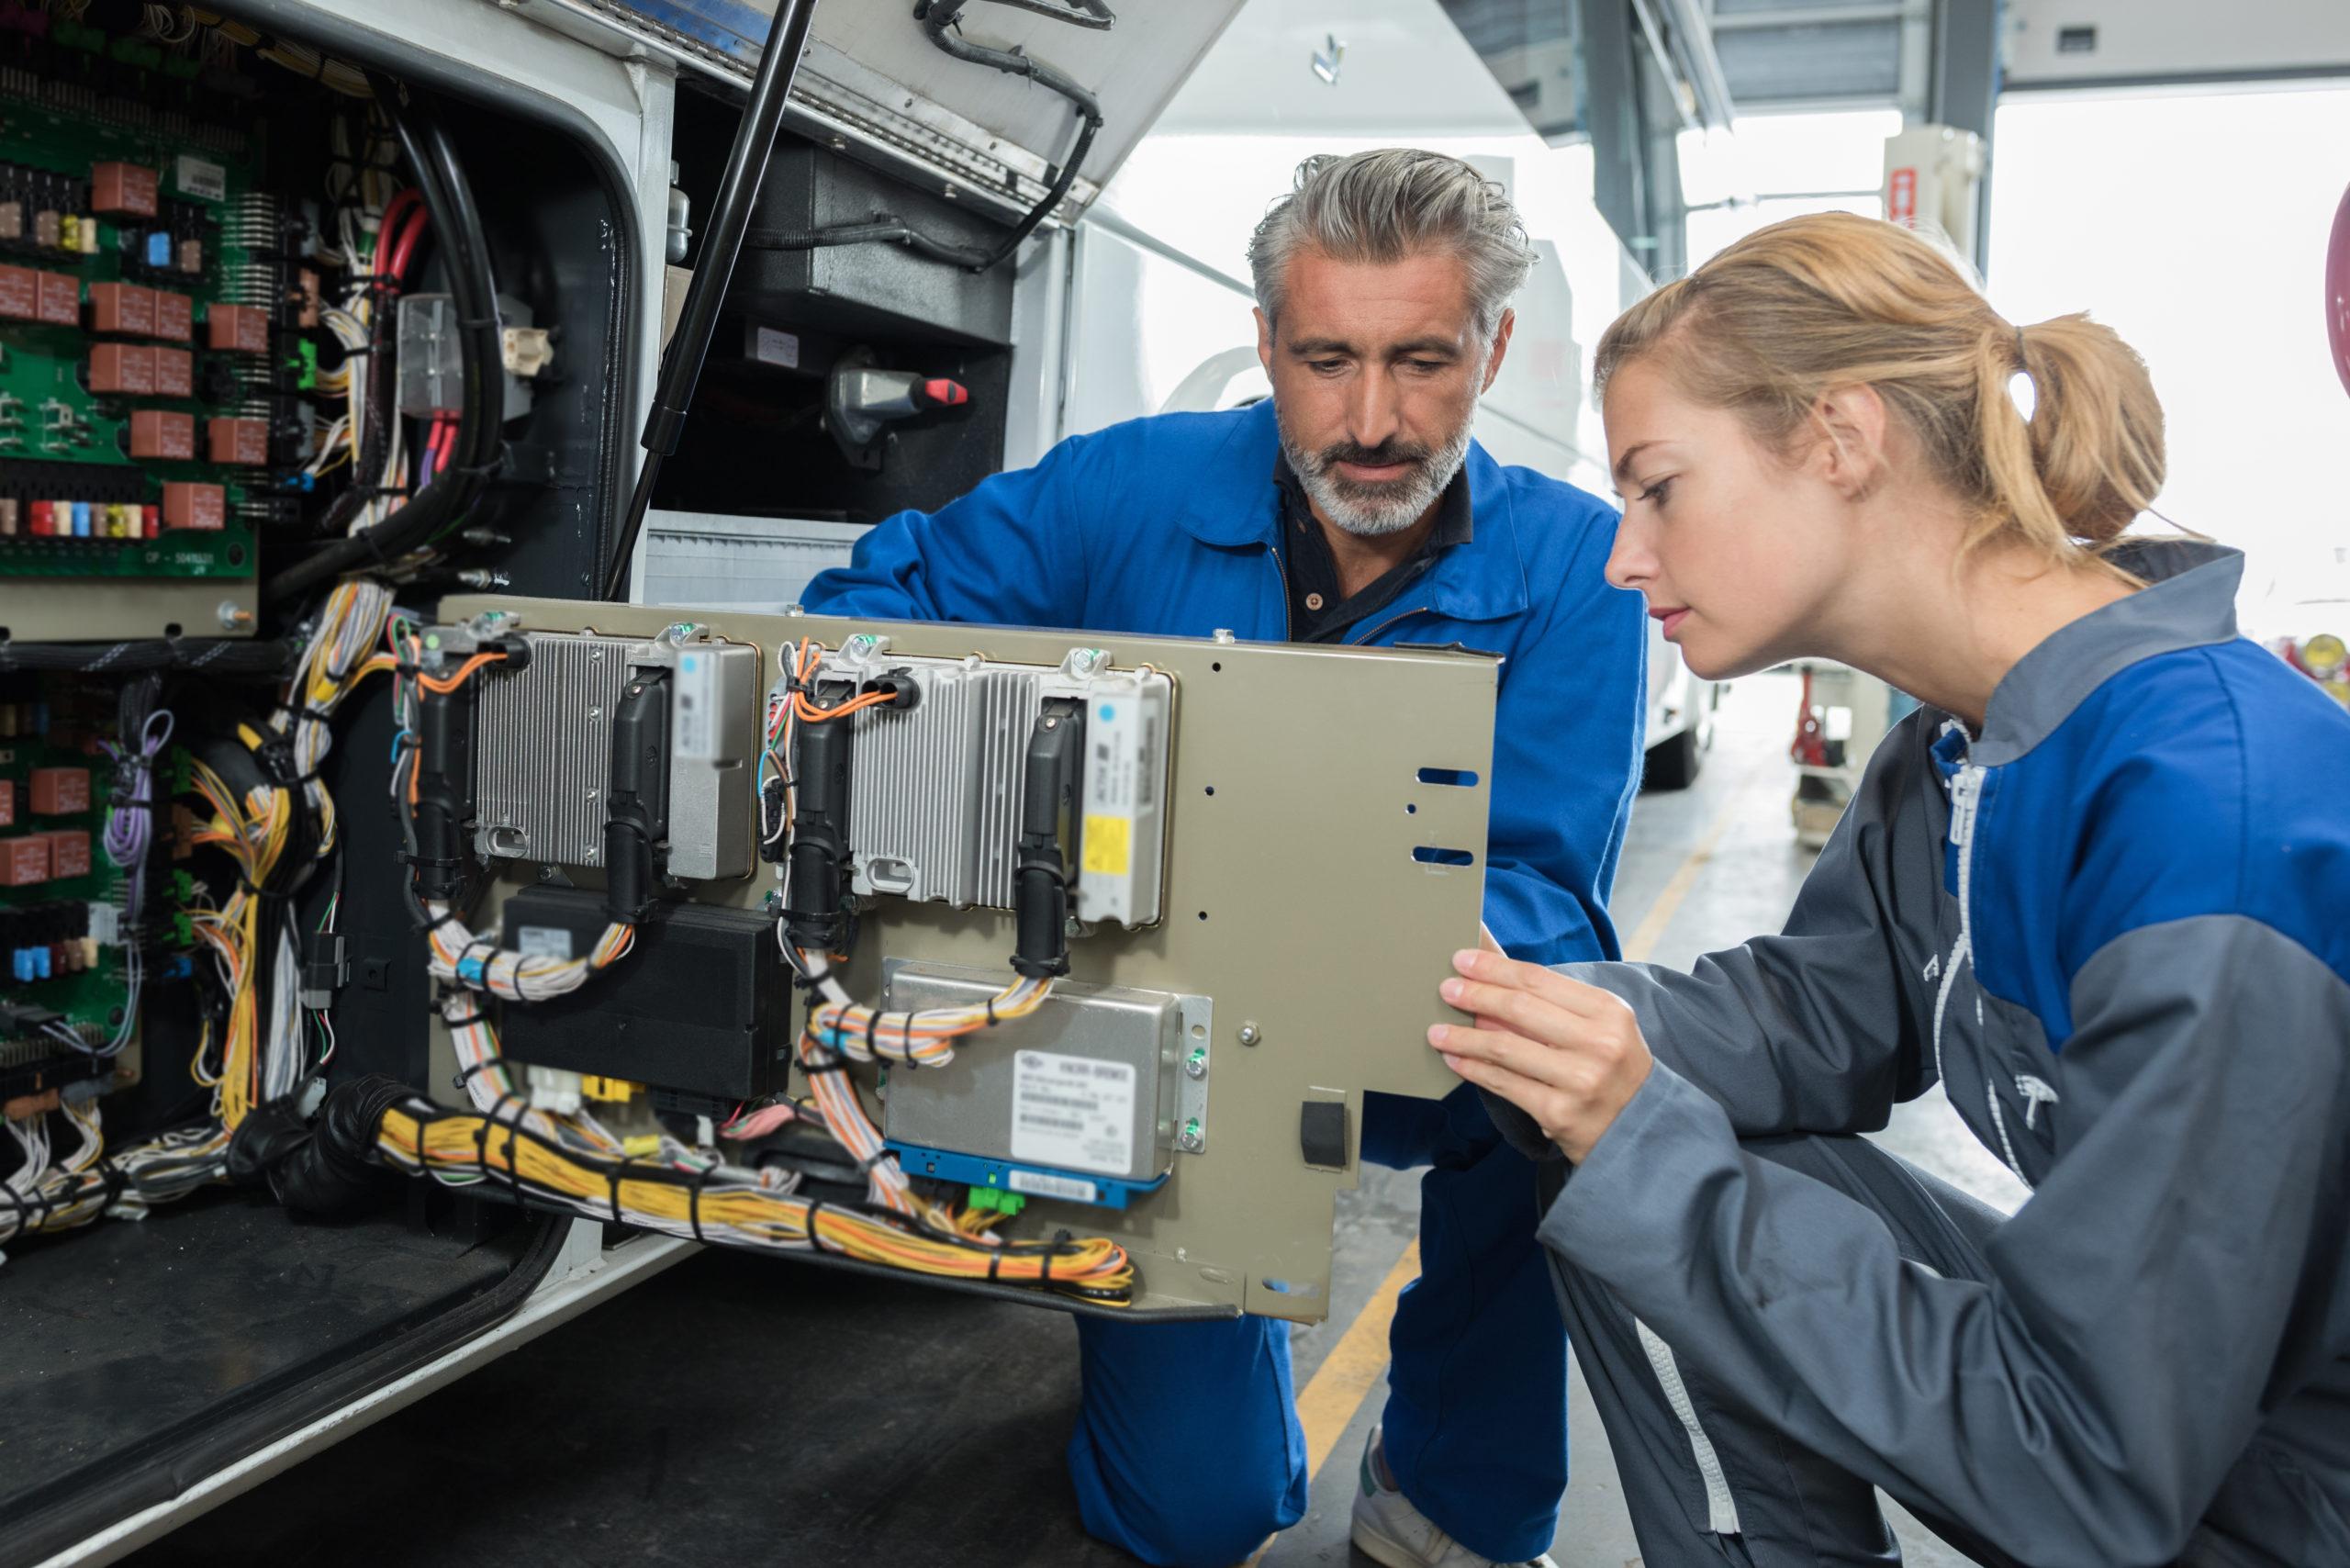 Prüfen ortveränderlicher elektrischer Betriebsmittel nach DGUV V3